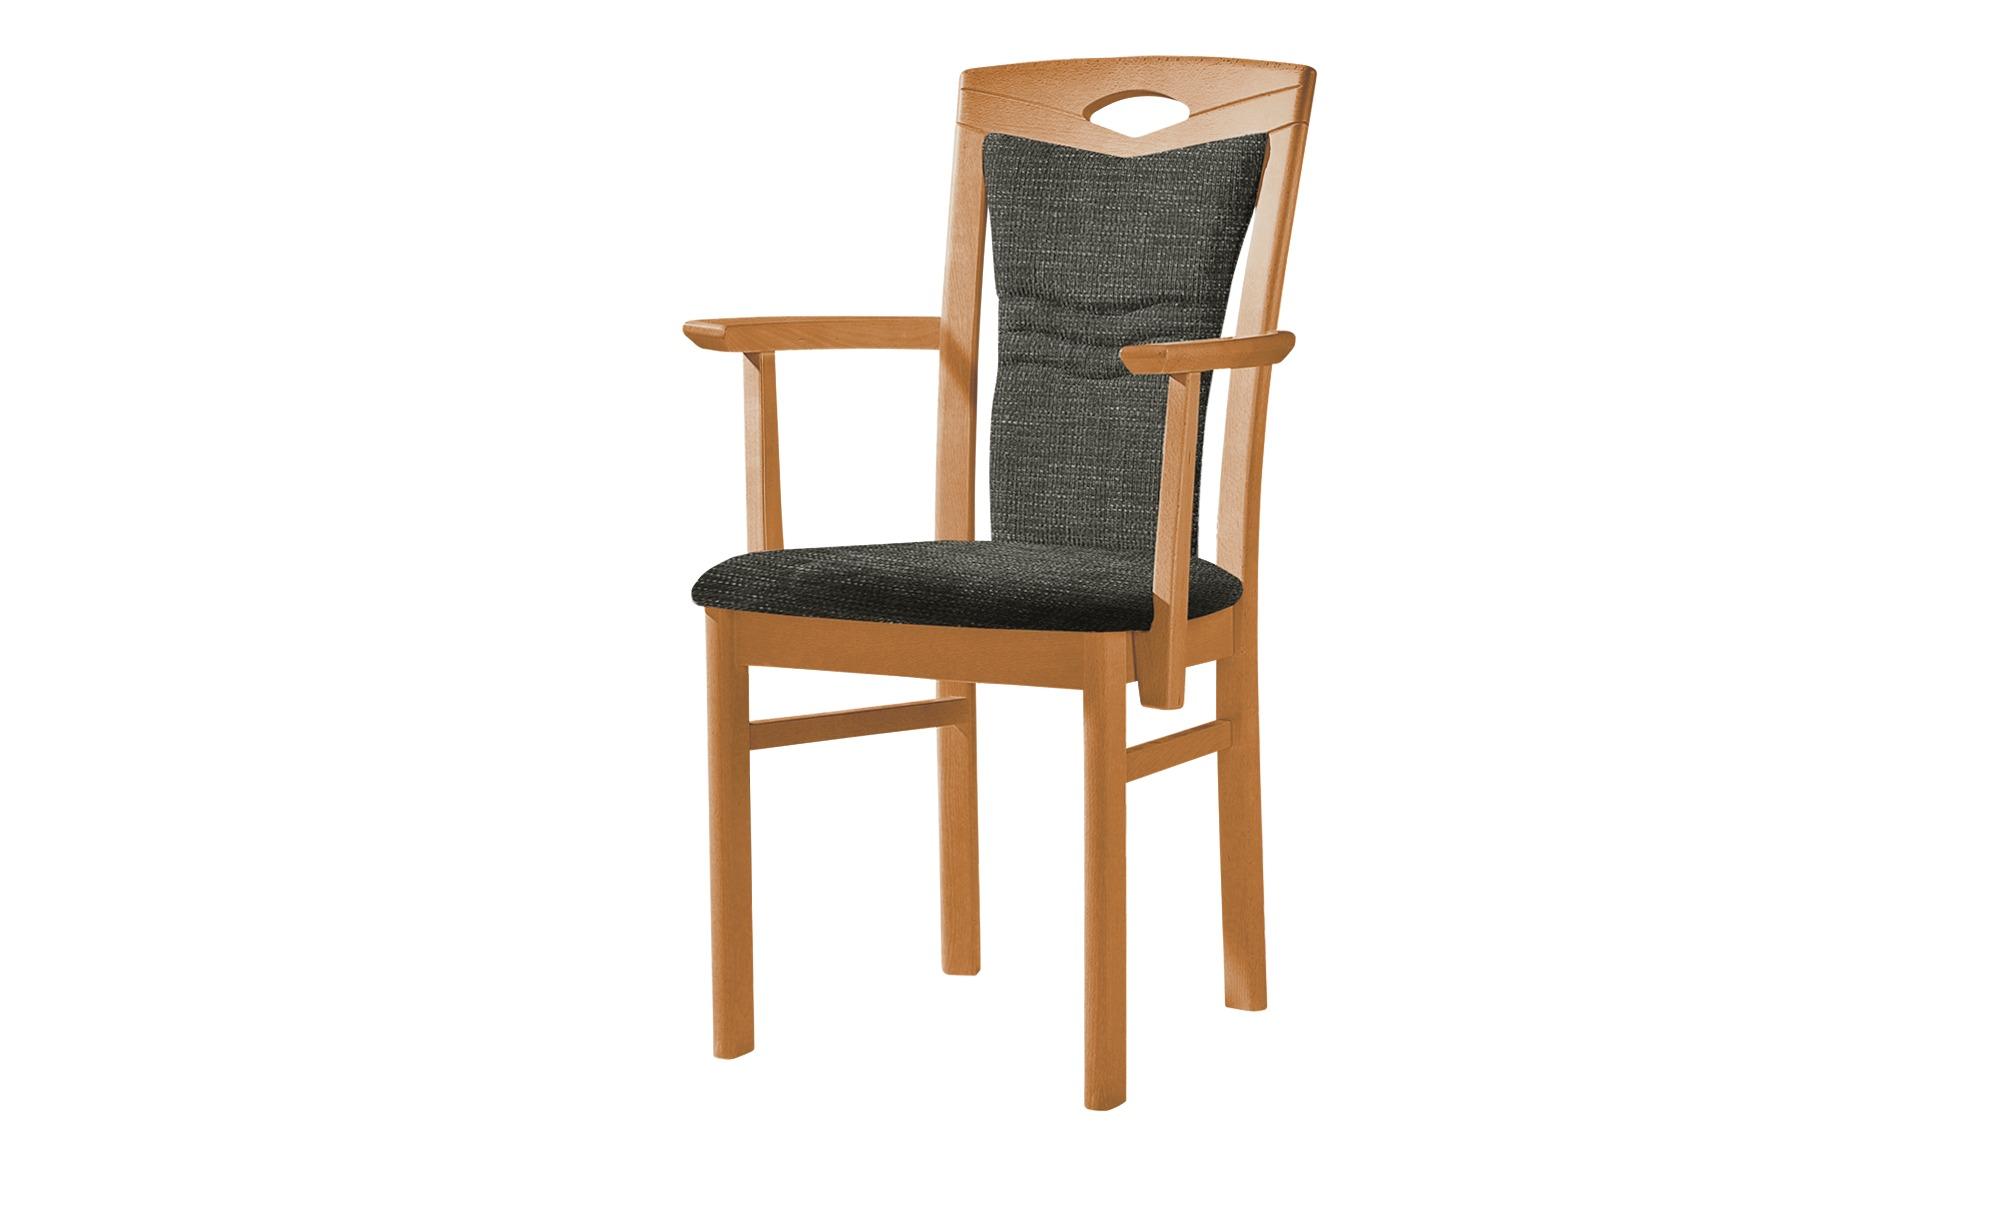 Stuhl  Cristal ¦ grau Stühle > Esszimmerstühle > Esszimmerstühle mit Armlehnen - Höffner | Küche und Esszimmer | Grau | Massivholz - Holz | Möbel Höffner DE